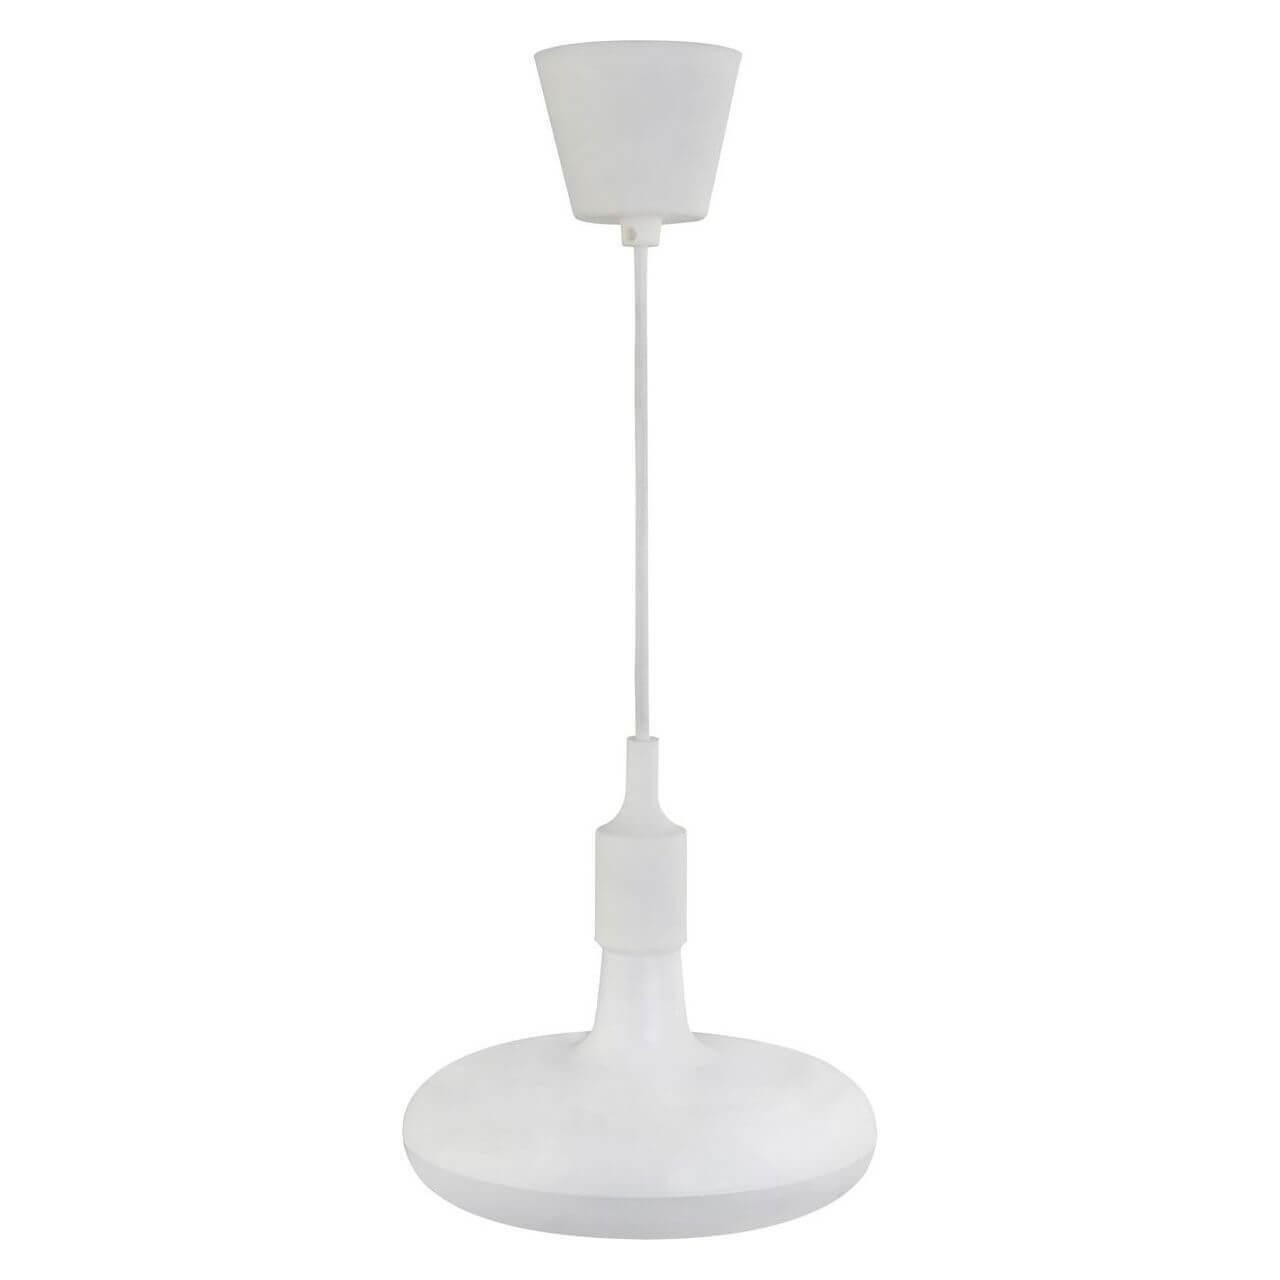 Подвесной светодиодный светильник Horoz Sembol белый 020-006-0012 подвесной светильник sembol hrz00002171